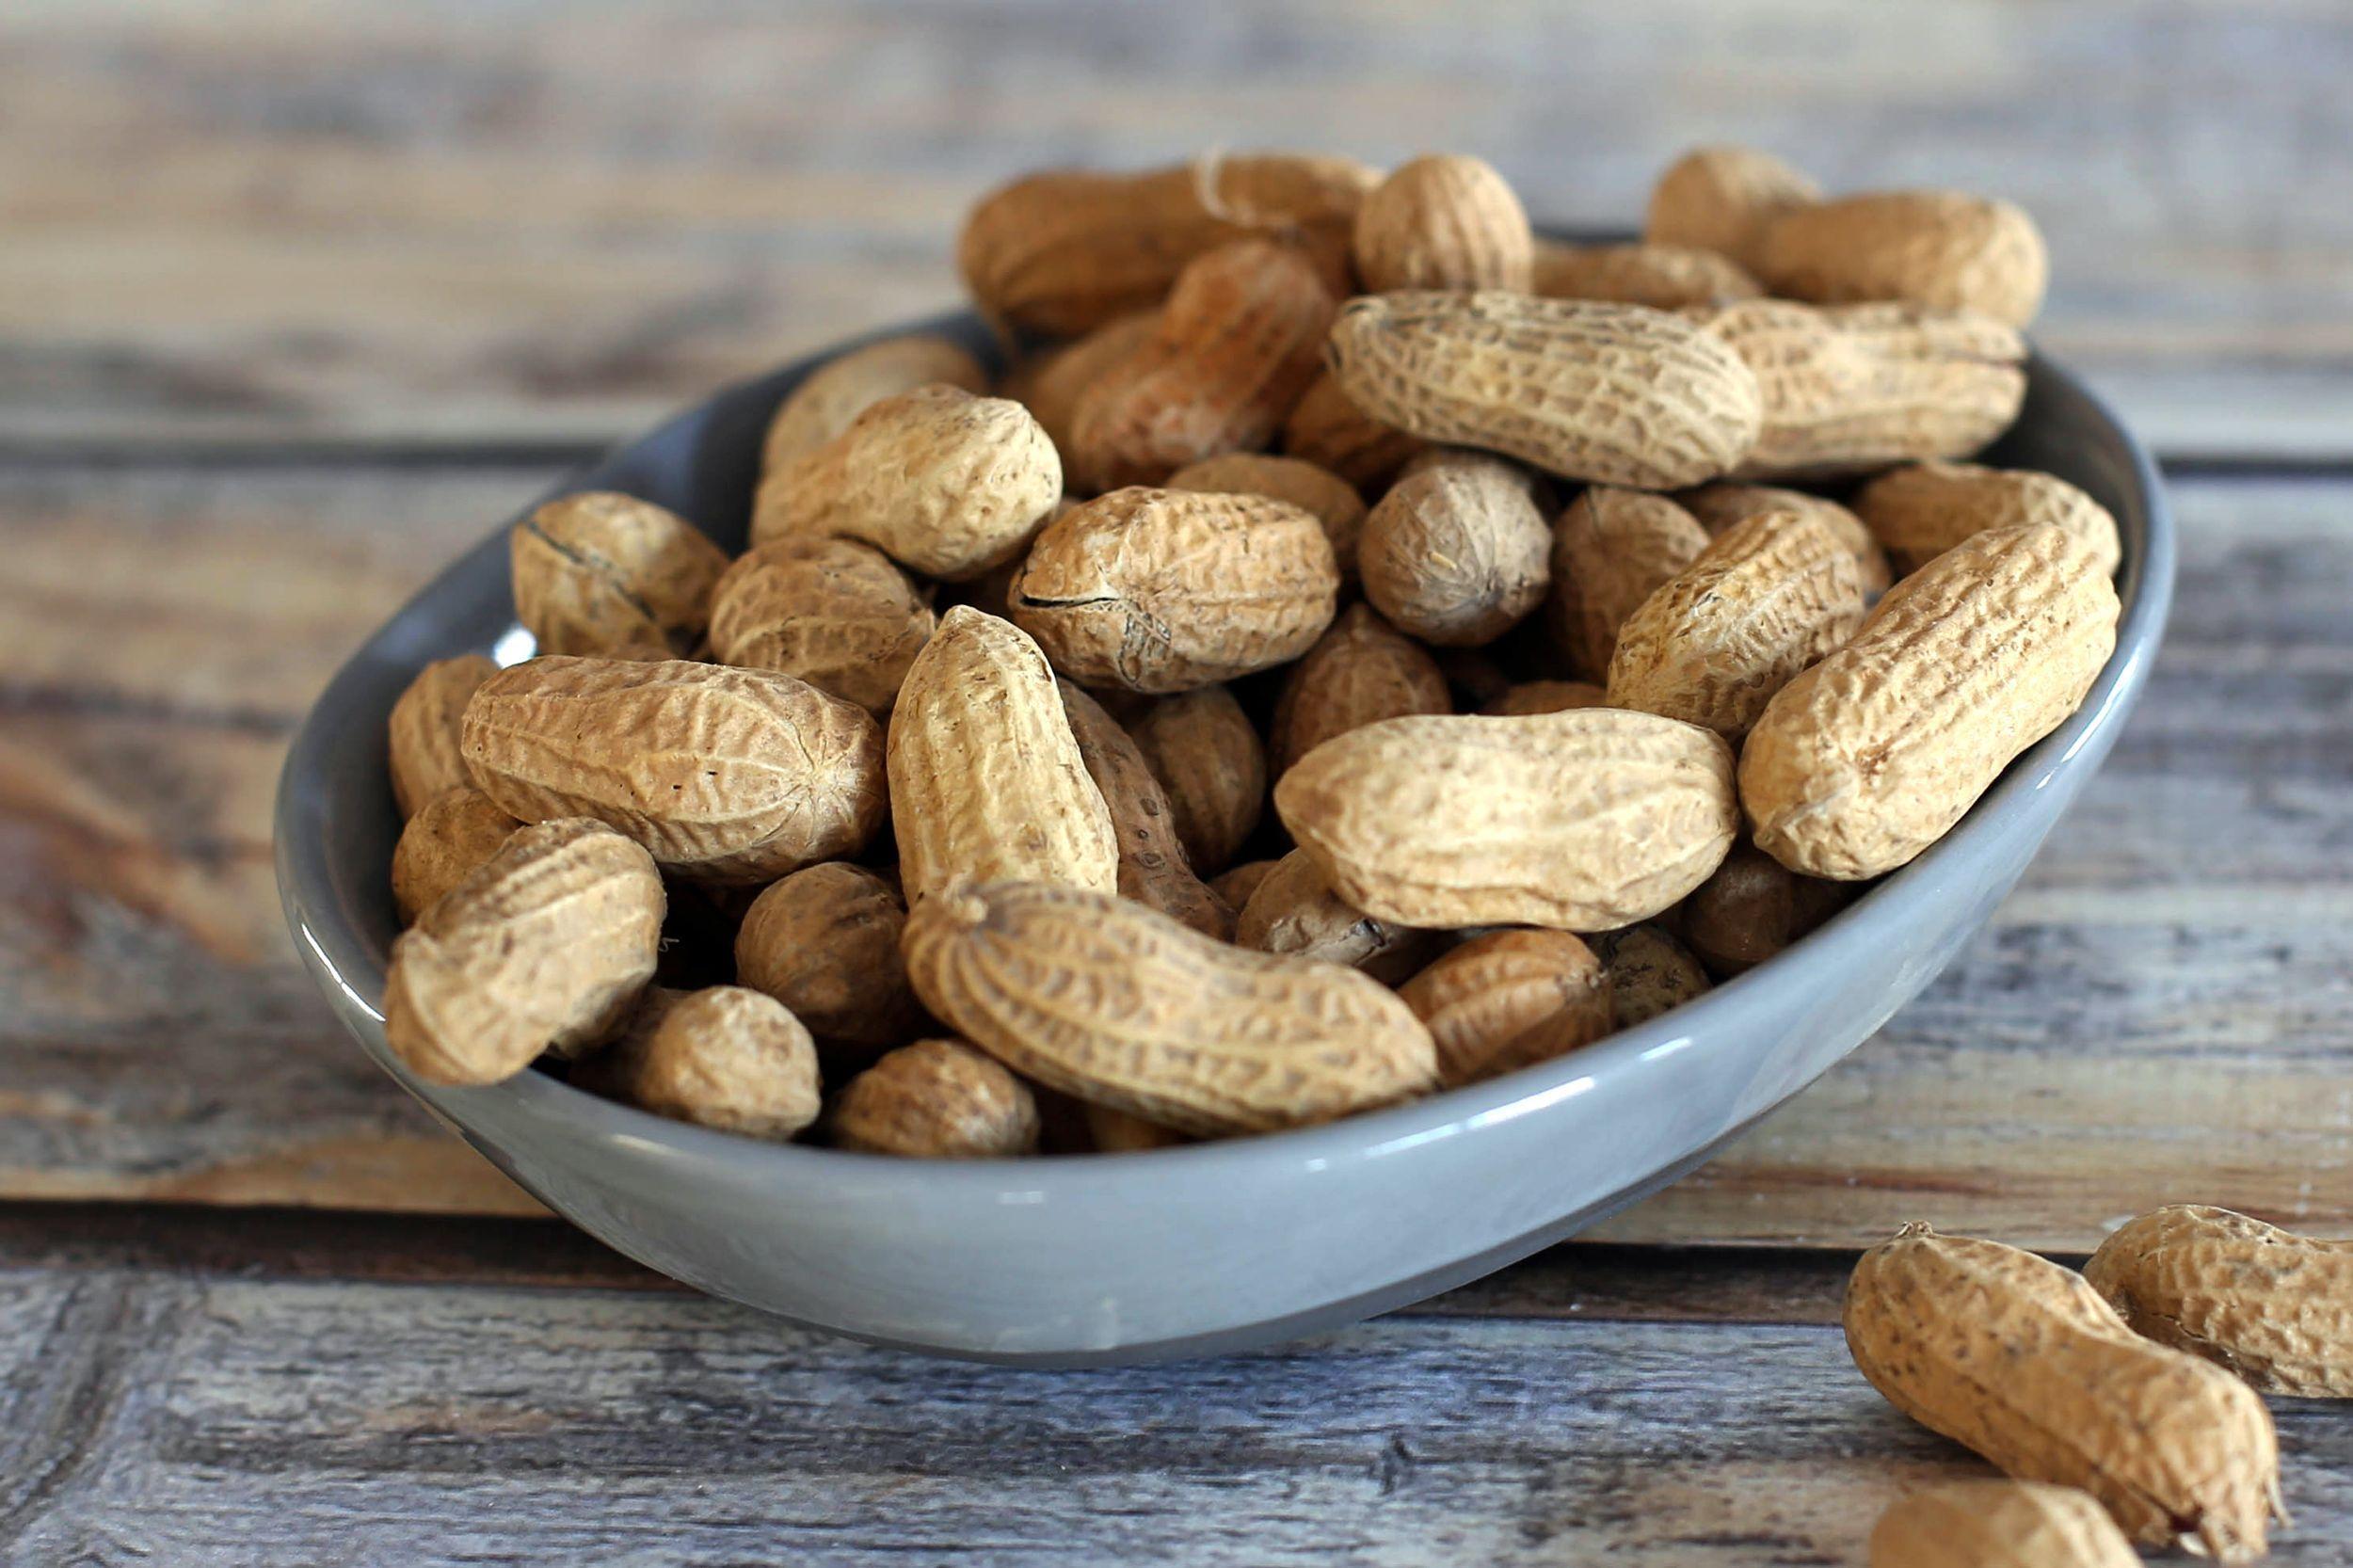 Орех арахис: польза и вред для здоровья организма человека